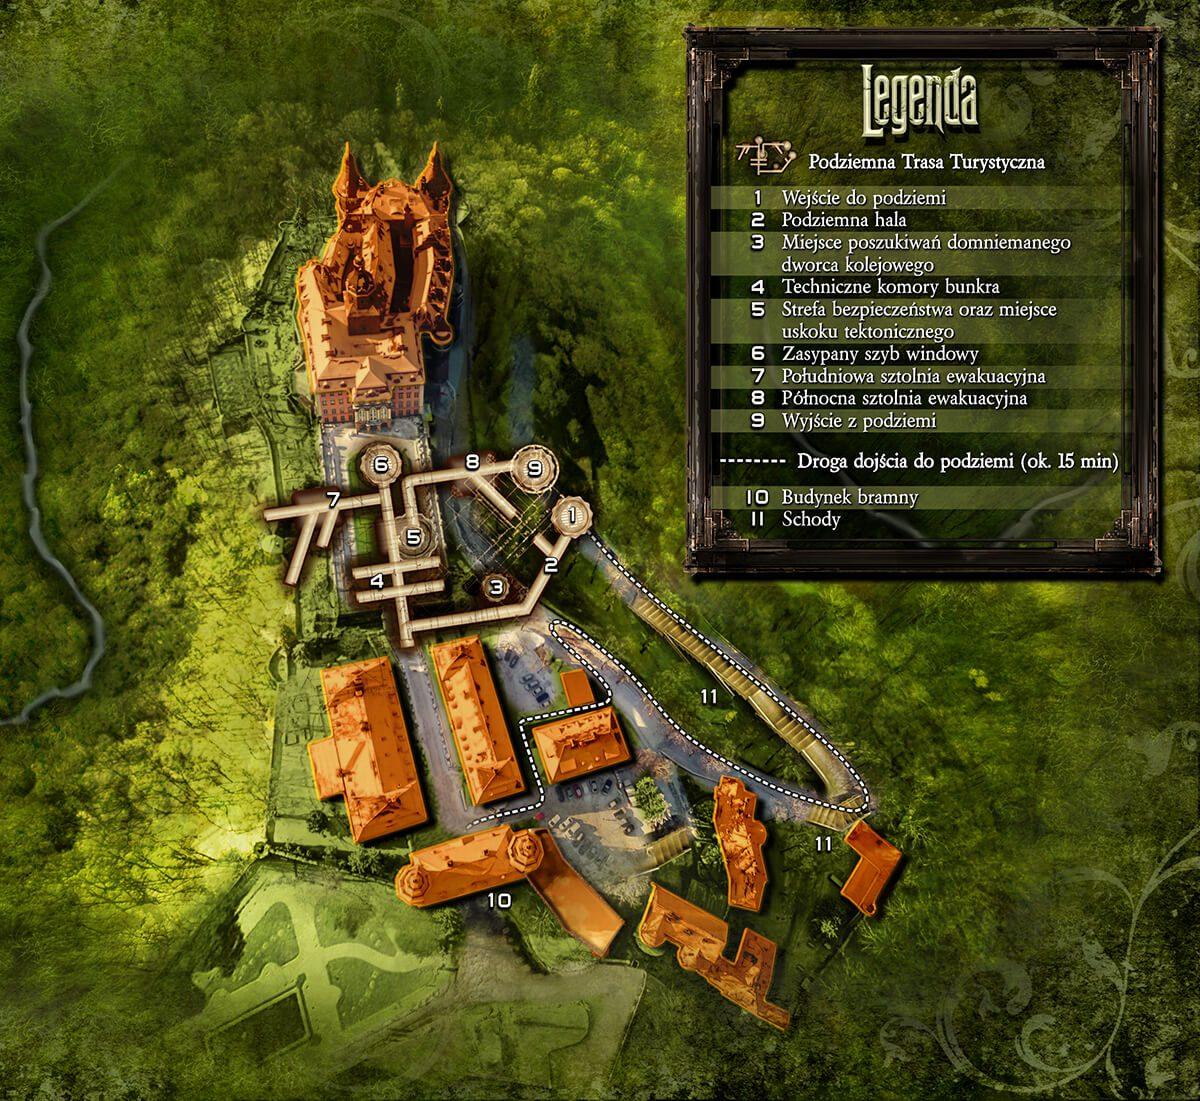 Plan podziemi Zamek Książ kompleks Riese